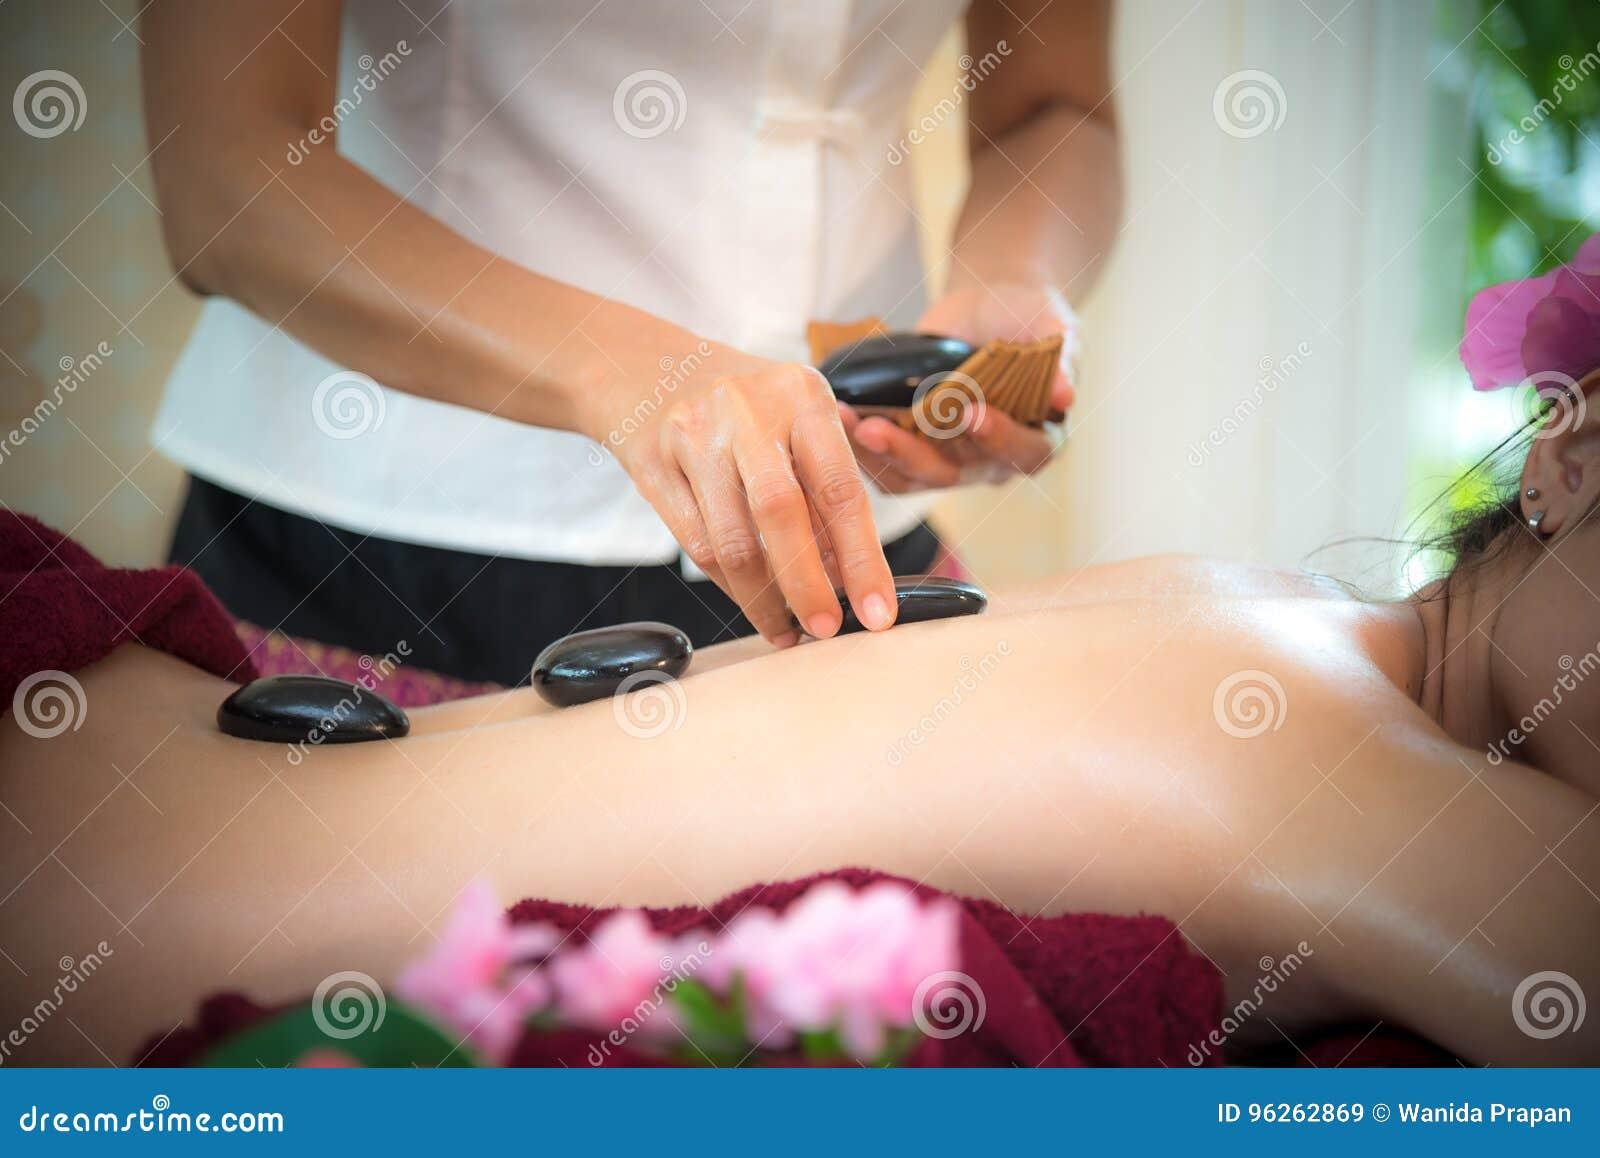 Azja piękna kobiety łgarski puszek na masażu łóżku z tradycyjnymi gorącymi kamieniami wzdłuż kręgosłupa przy Tajlandzkim zdrojem